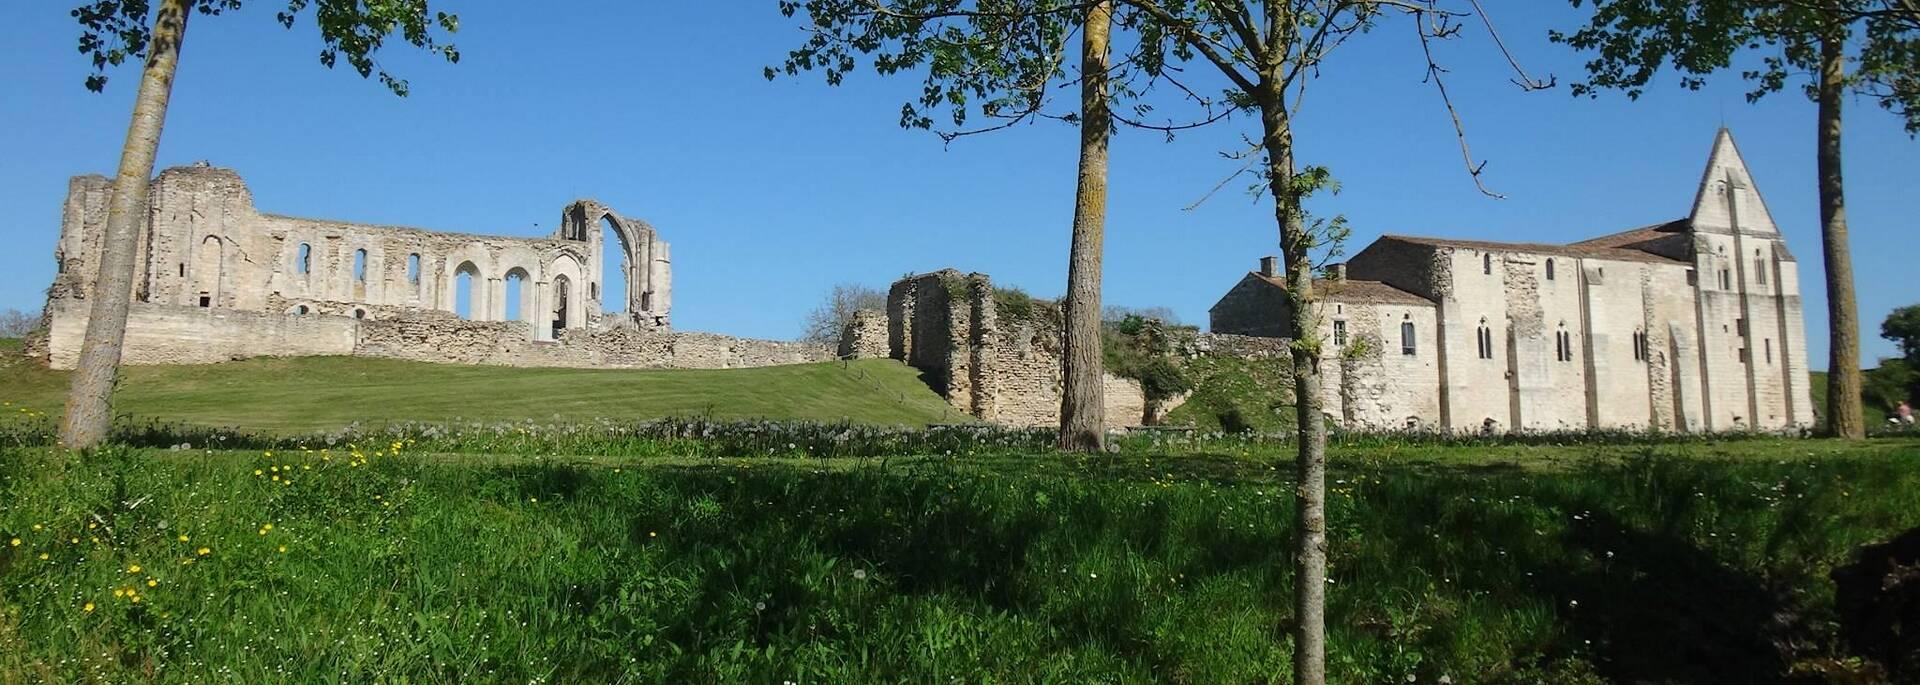 Abbaye de Maillezais - @J.RAMOS / FDHPA17